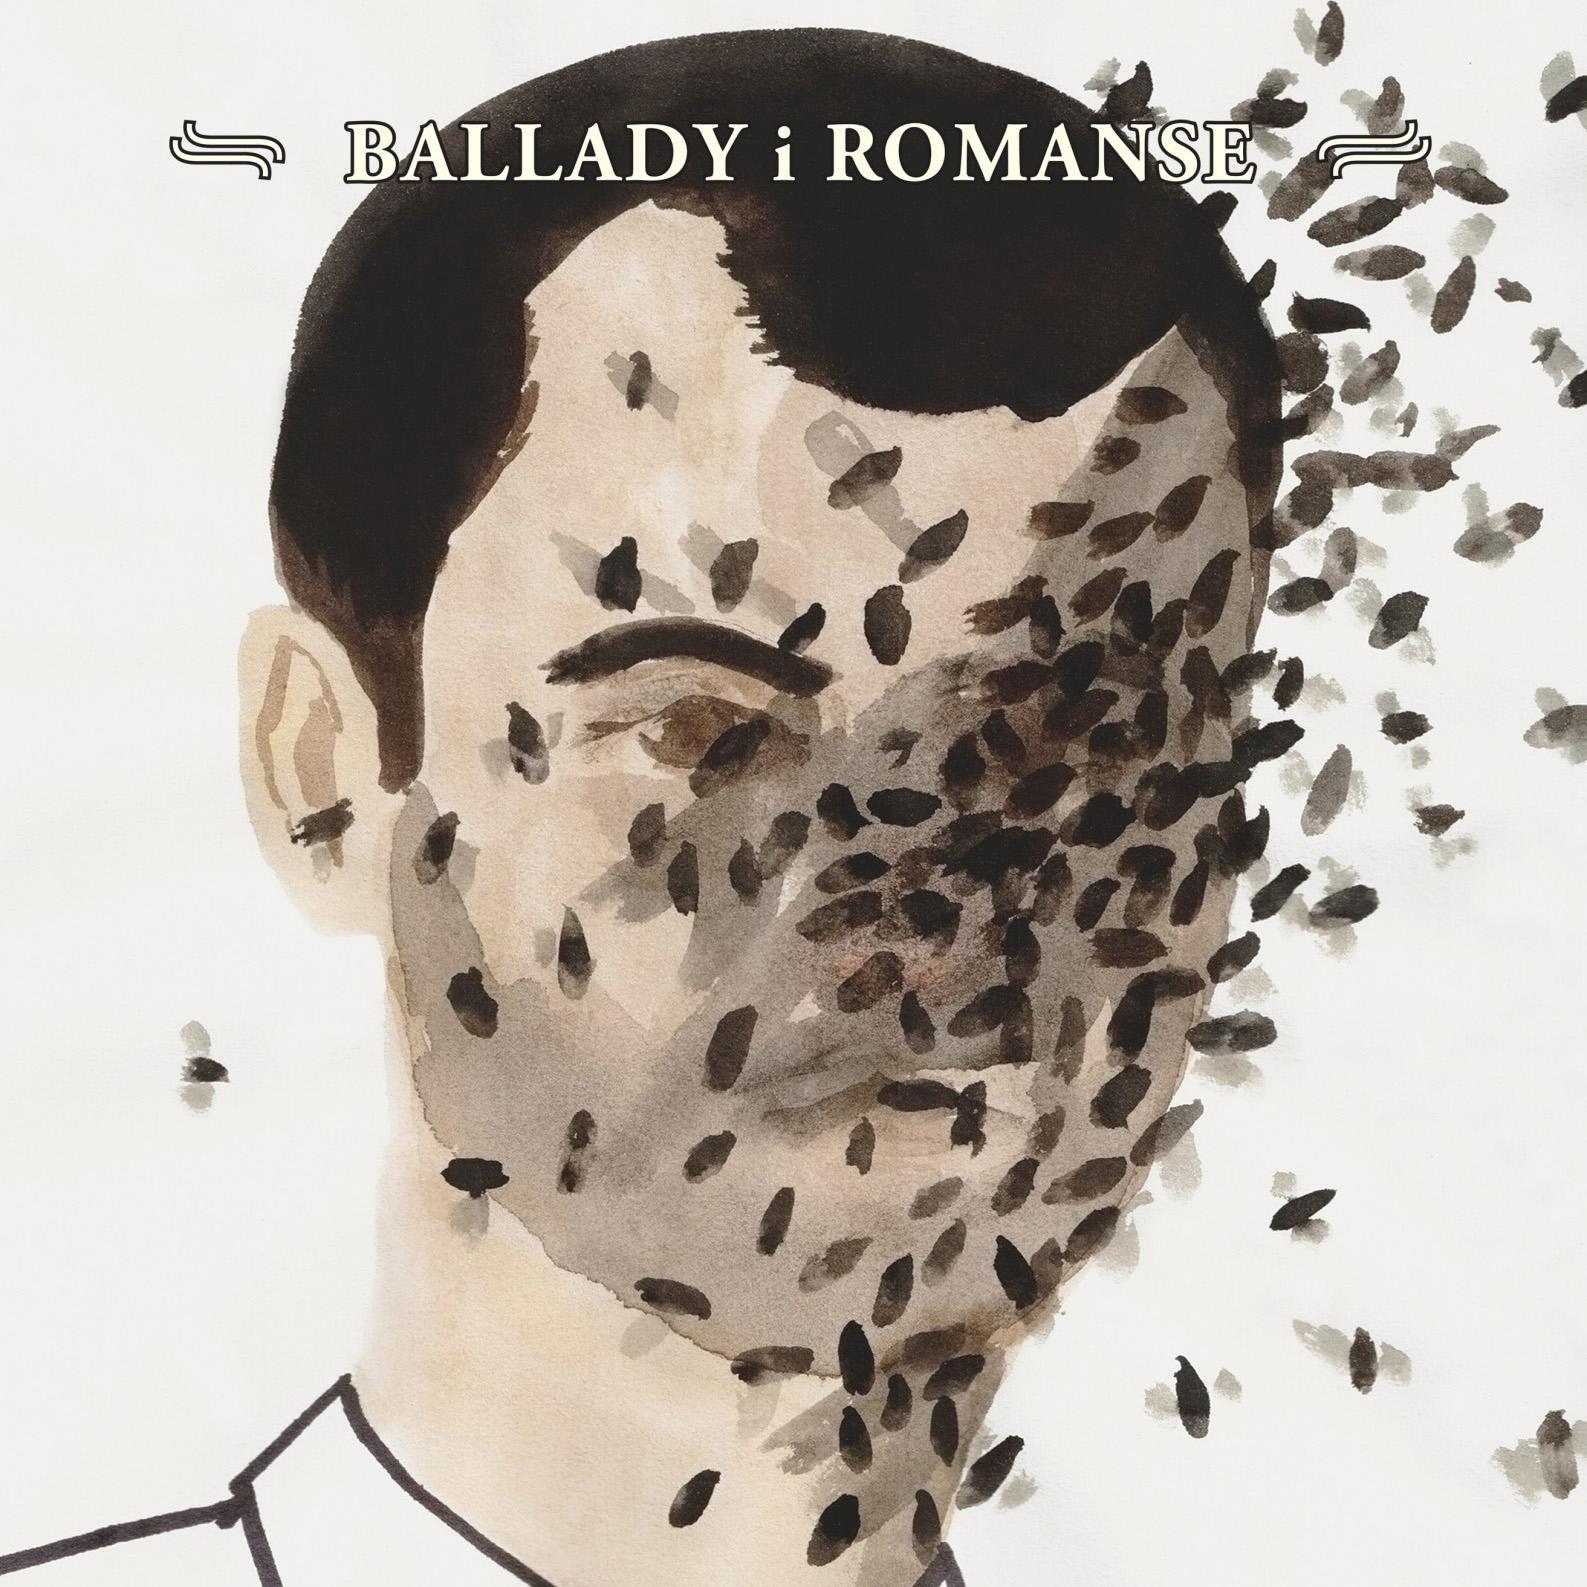 XL_ballady_okladka-1587x1600